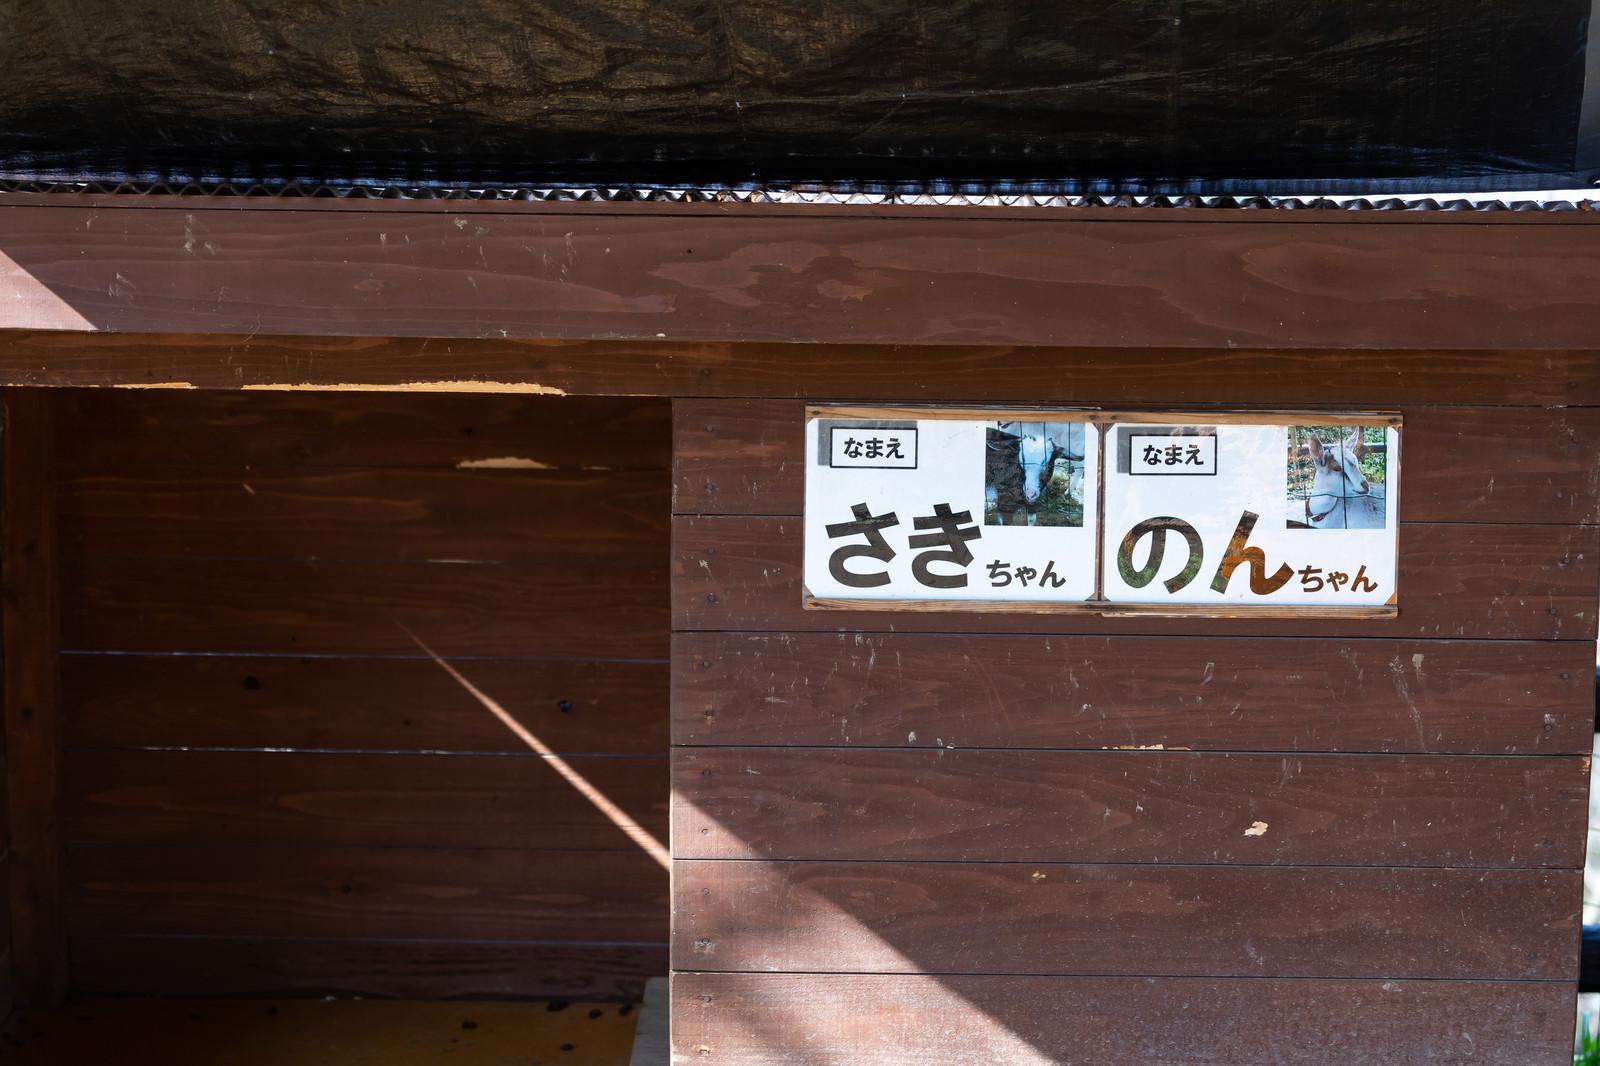 「崎野自然公園で飼育されてる山羊の名前(さきちゃんとのんちゃん)」の写真